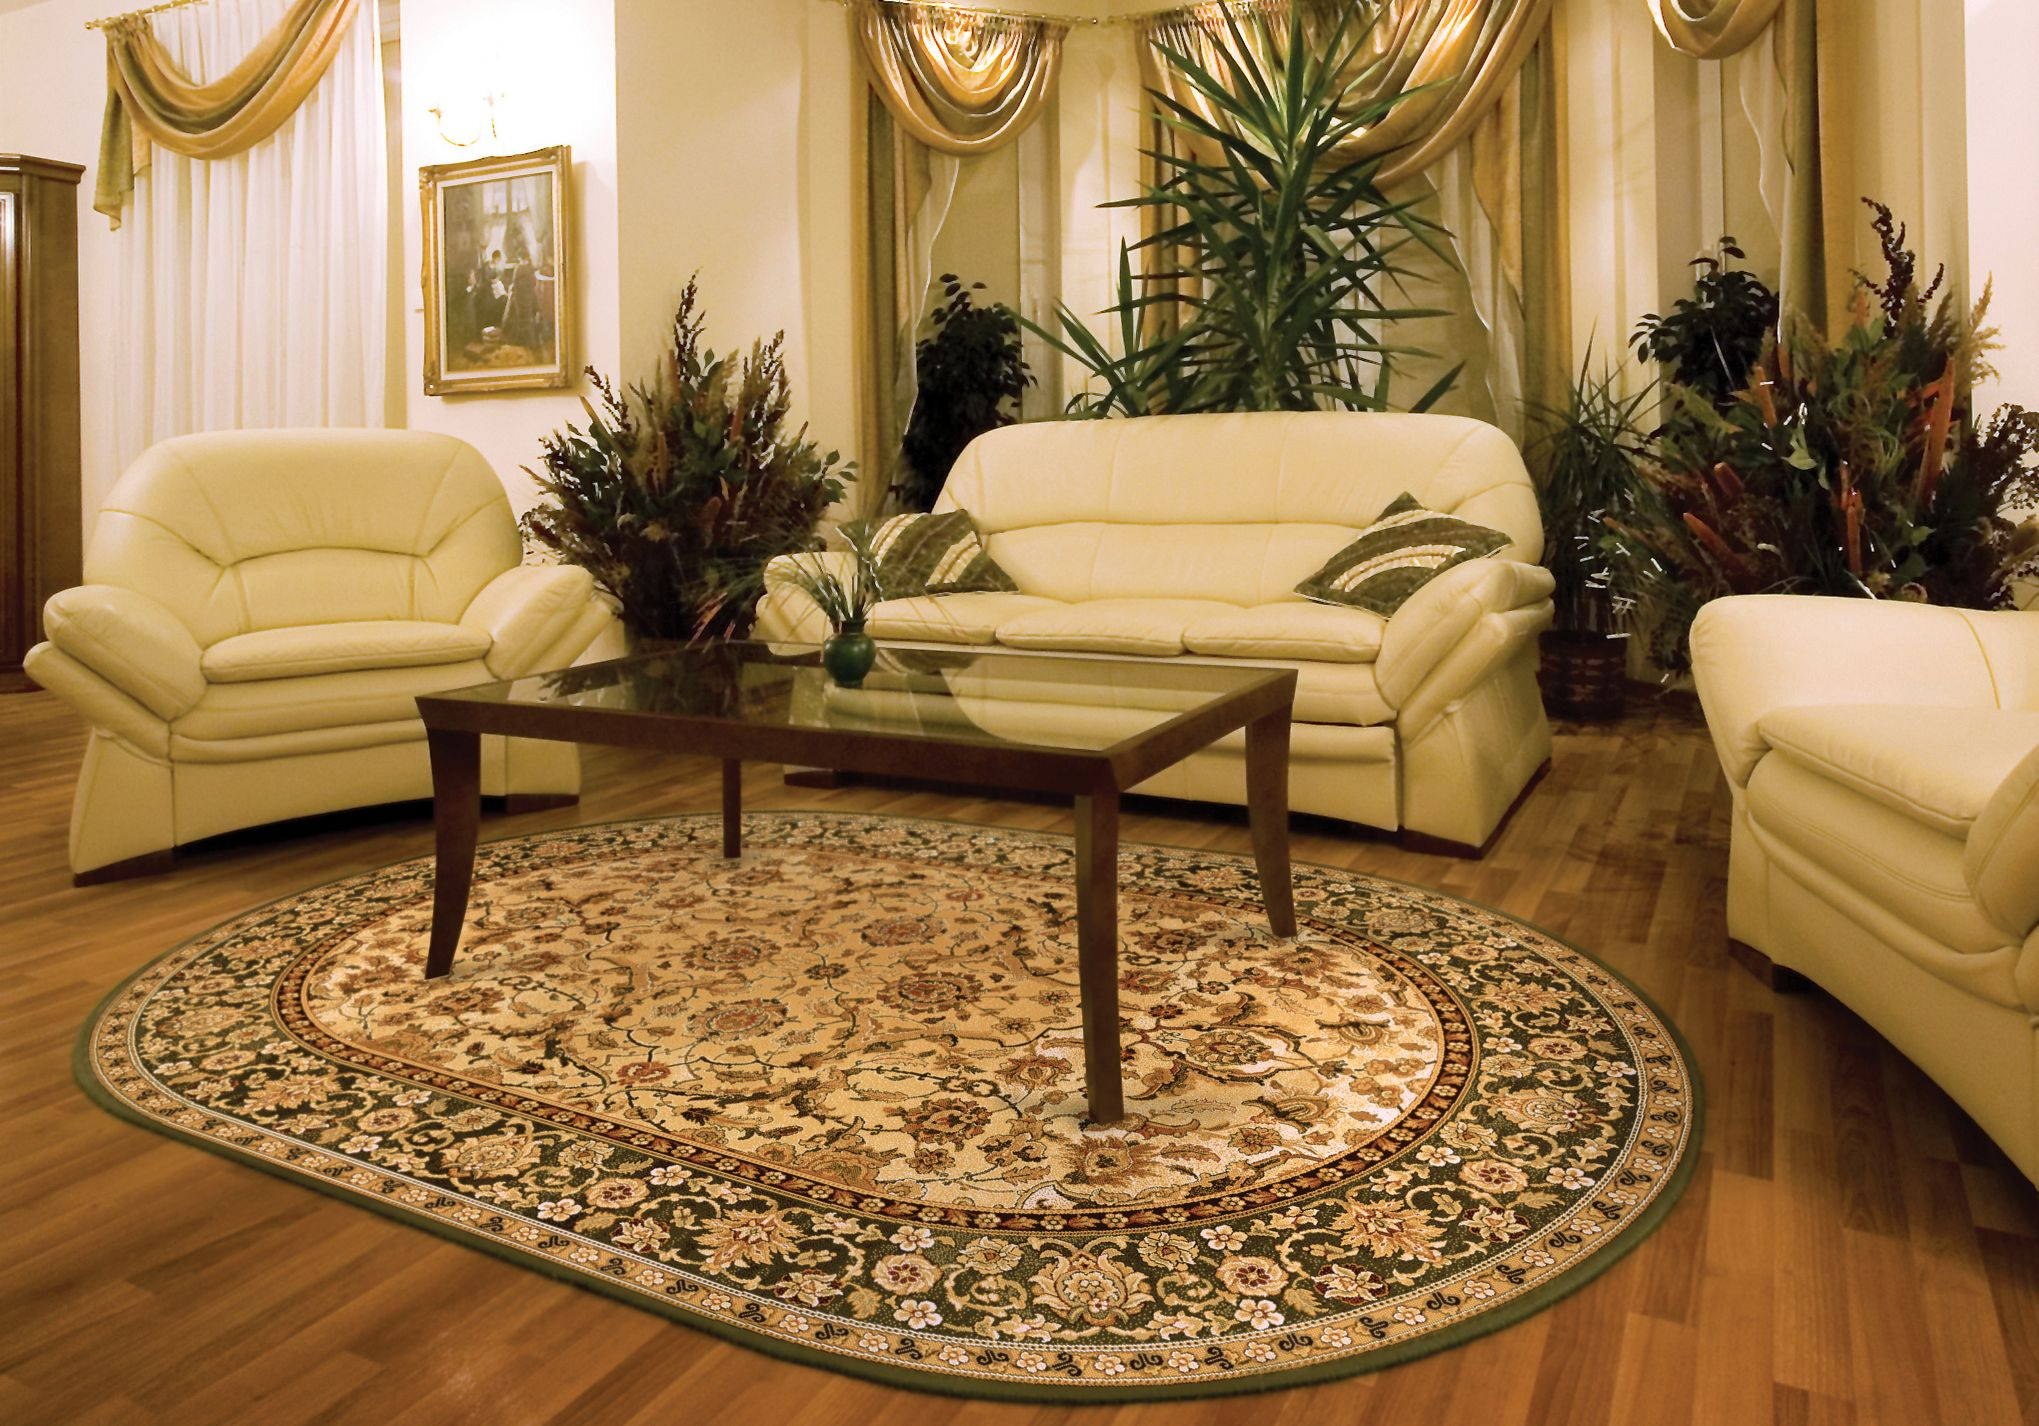 tapis dans une photo de design d'intérieur moderne